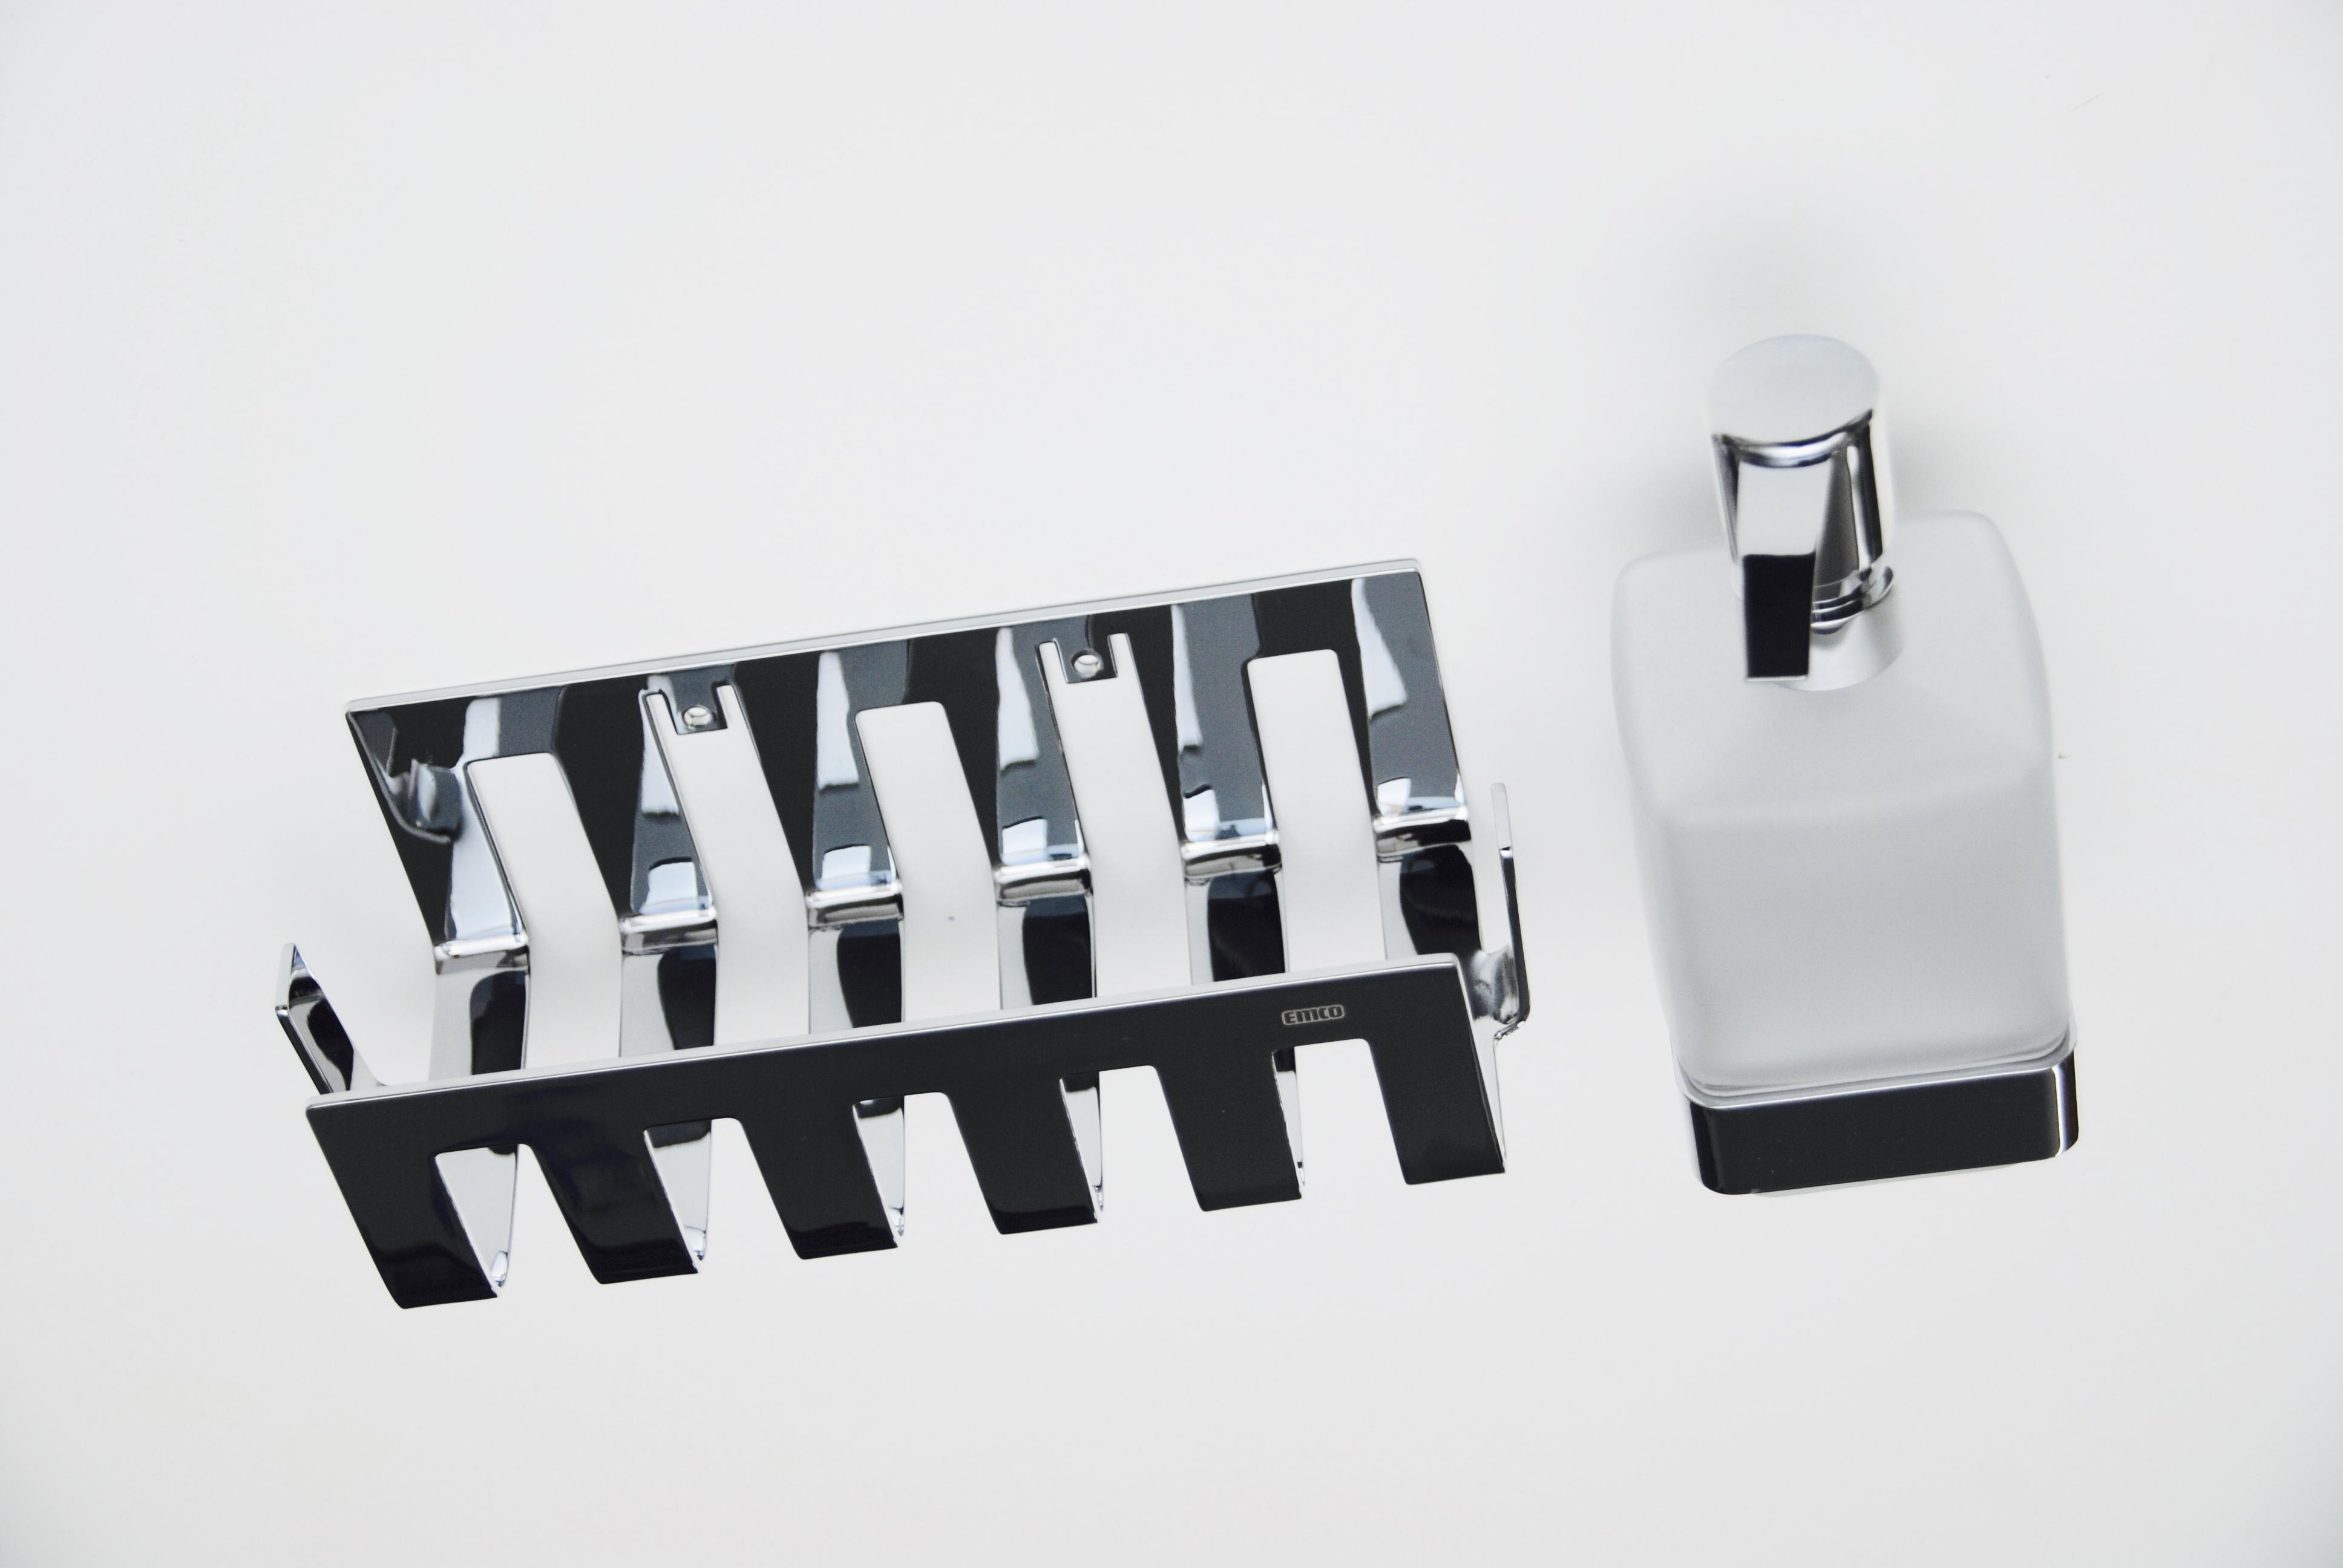 Korp mit Seifenspender inkl. Montage und MwSt. a213,00€